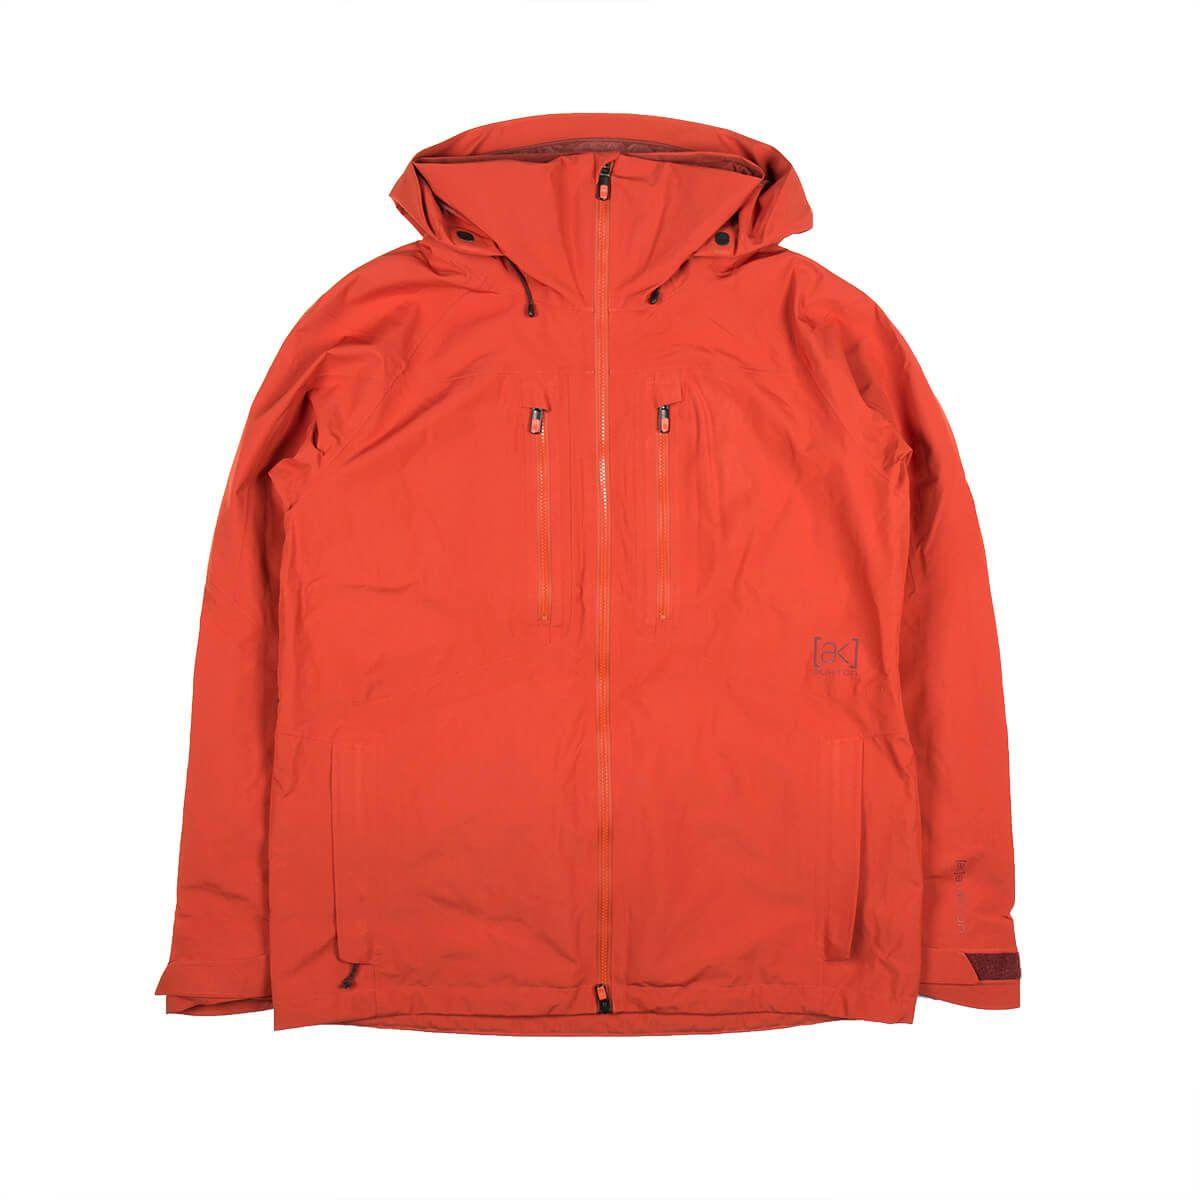 BURTON Goretex Swash Jacket in Red